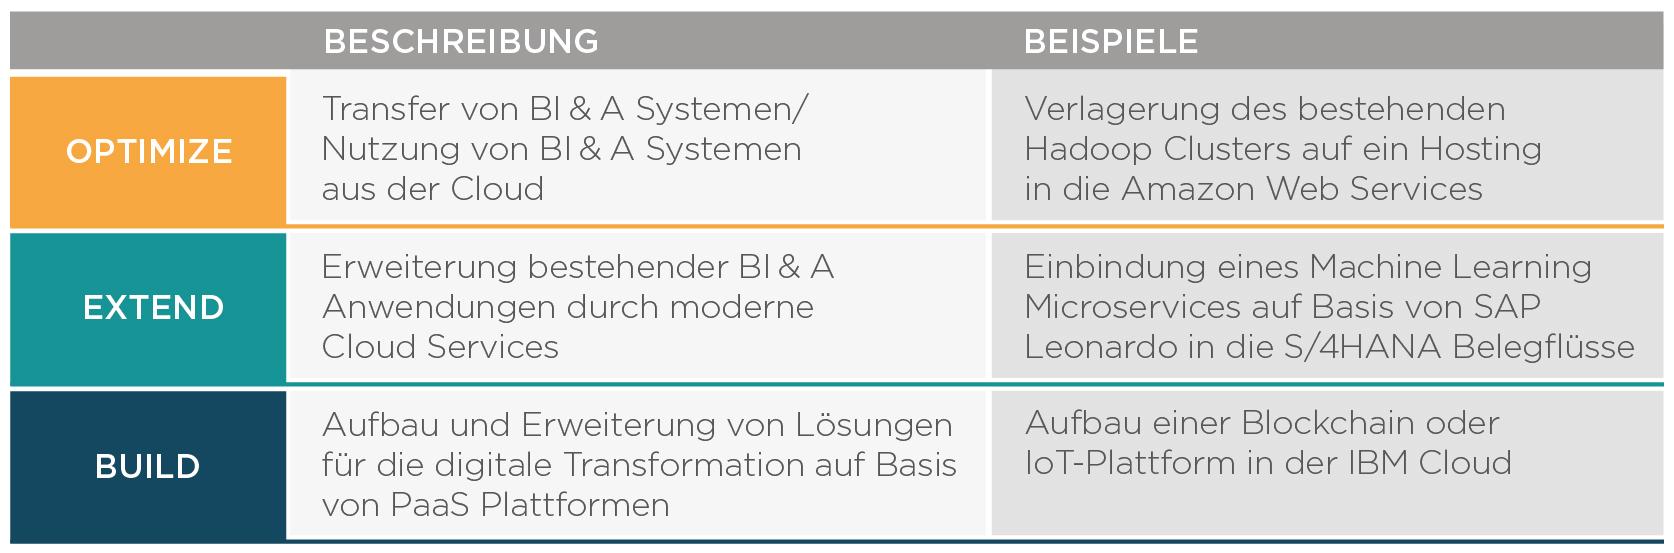 Auf drei Pfaden gelangen BI&A-Tools meist in die Cloud. (Bild: Infomotion GmbH)